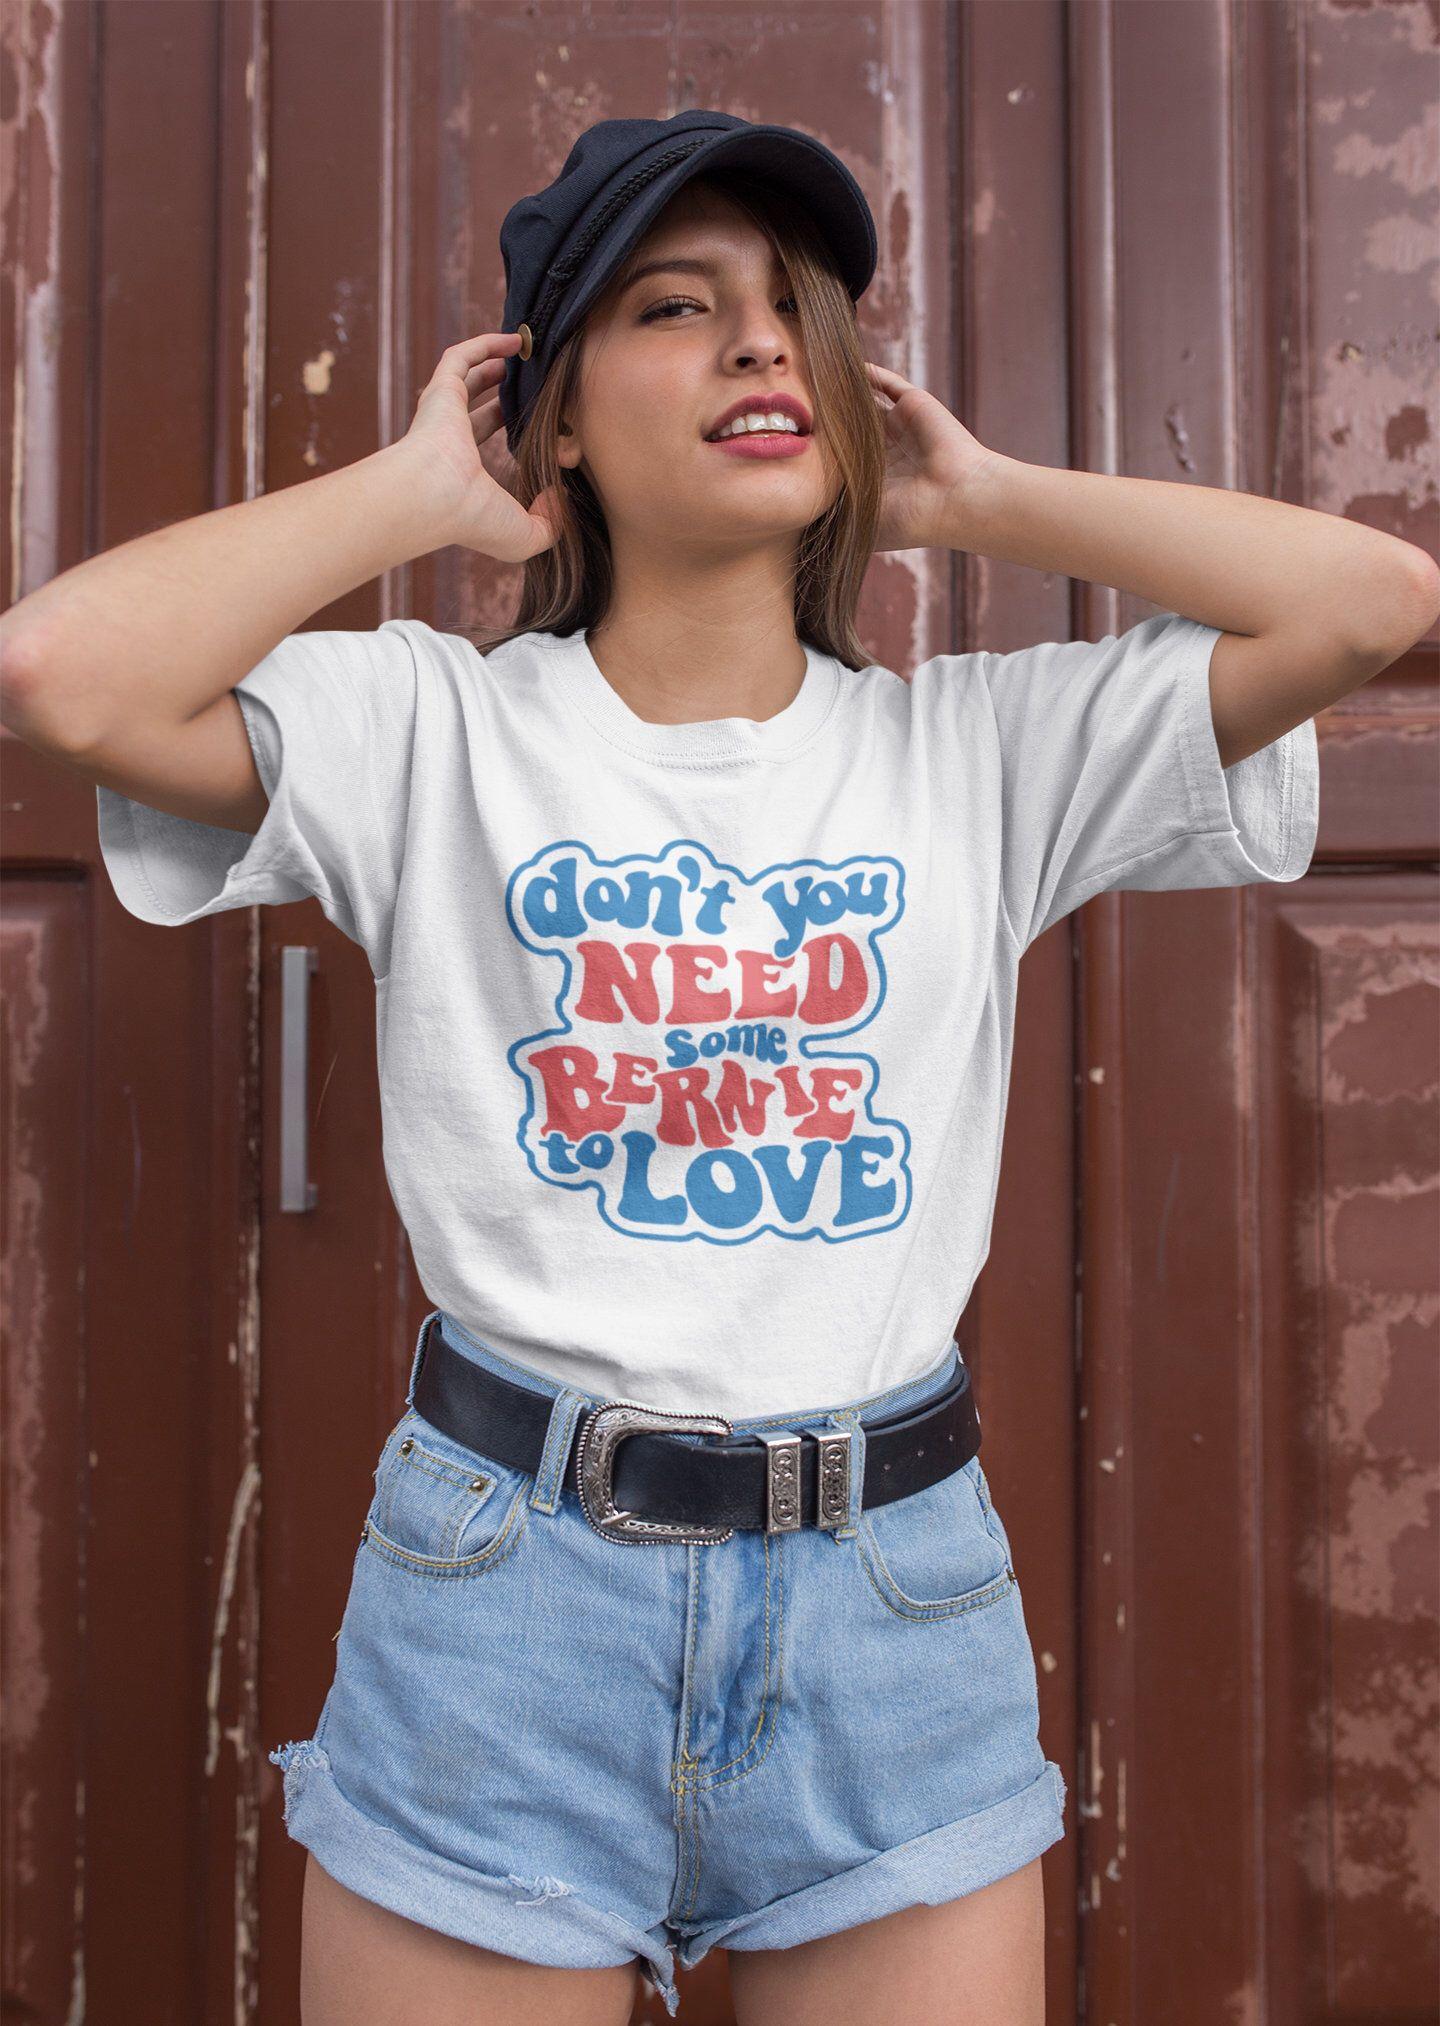 Bernie Sanders 2020 Shirt Unisex T Shirt Don T You Etsy Clothes Outfits Women